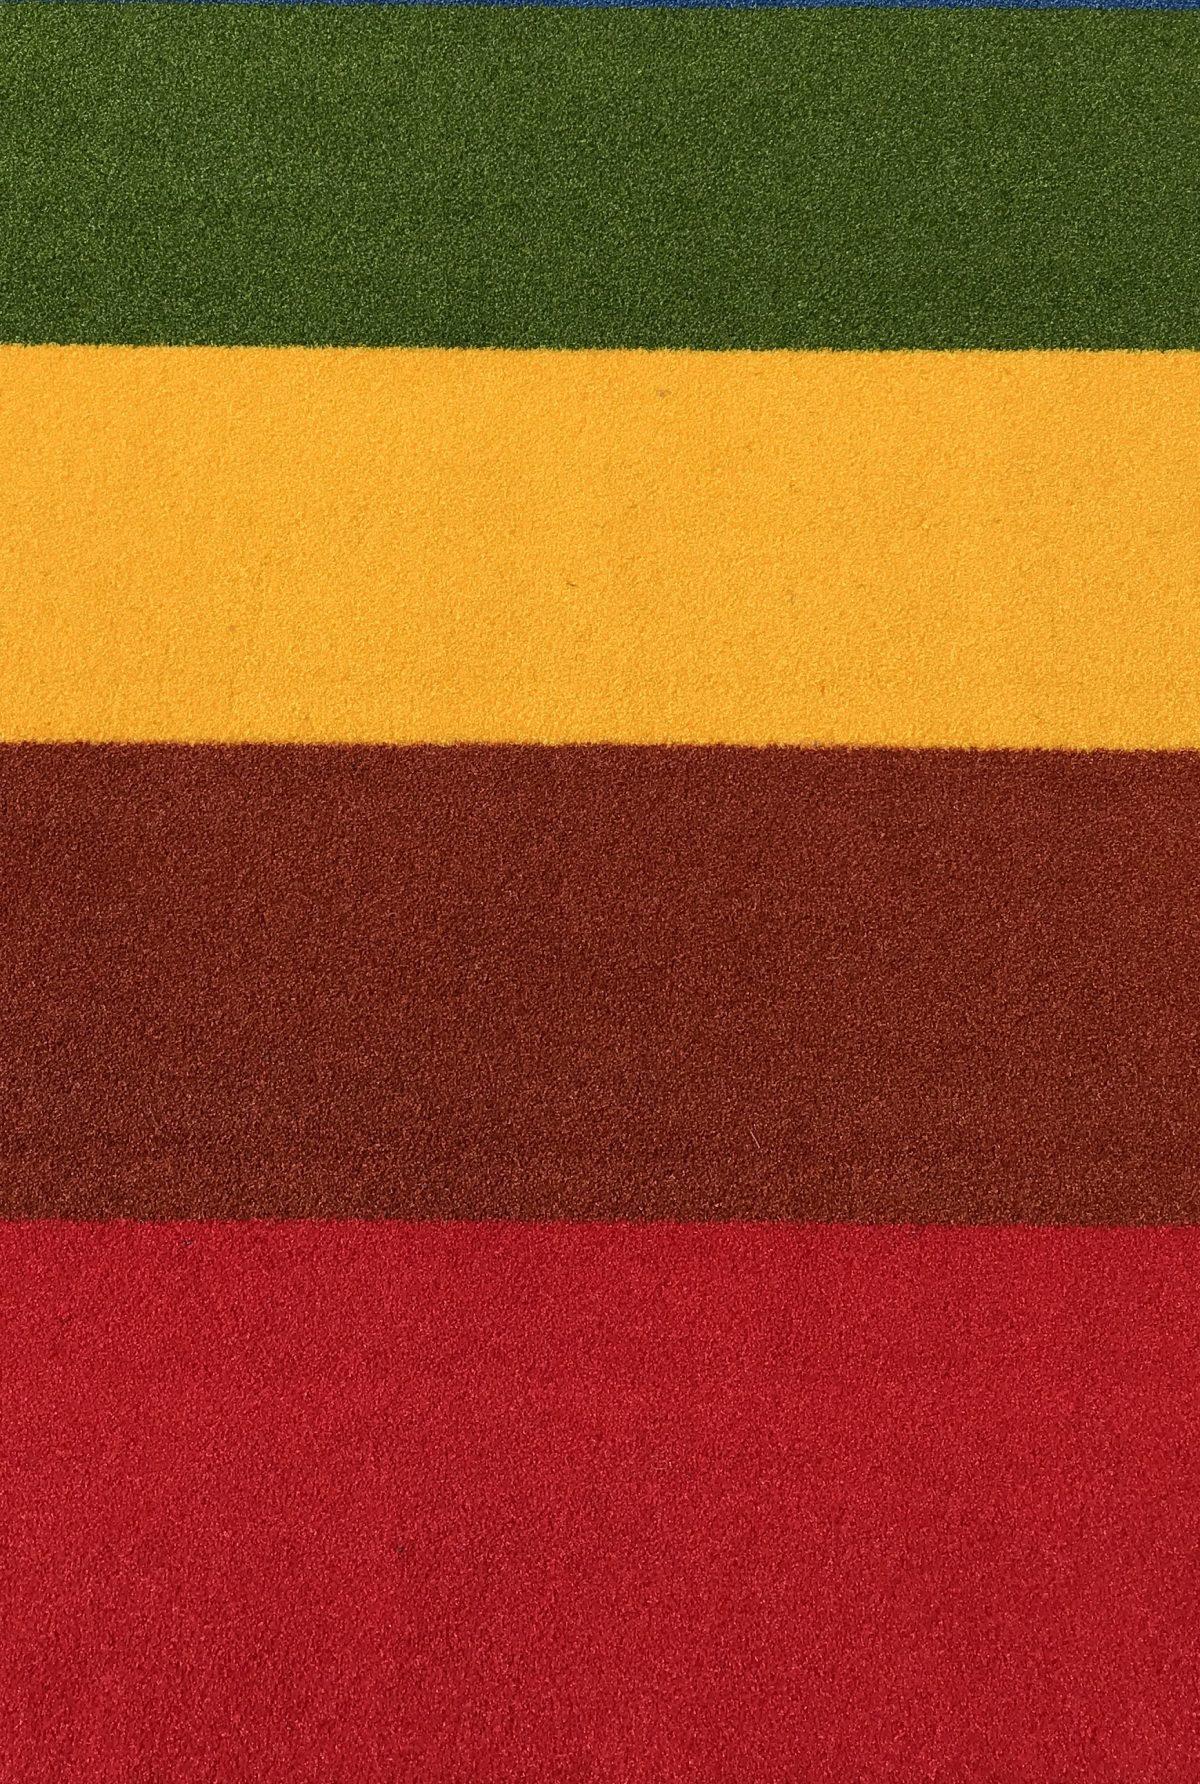 buitentapijt rood/terra/geel/groen